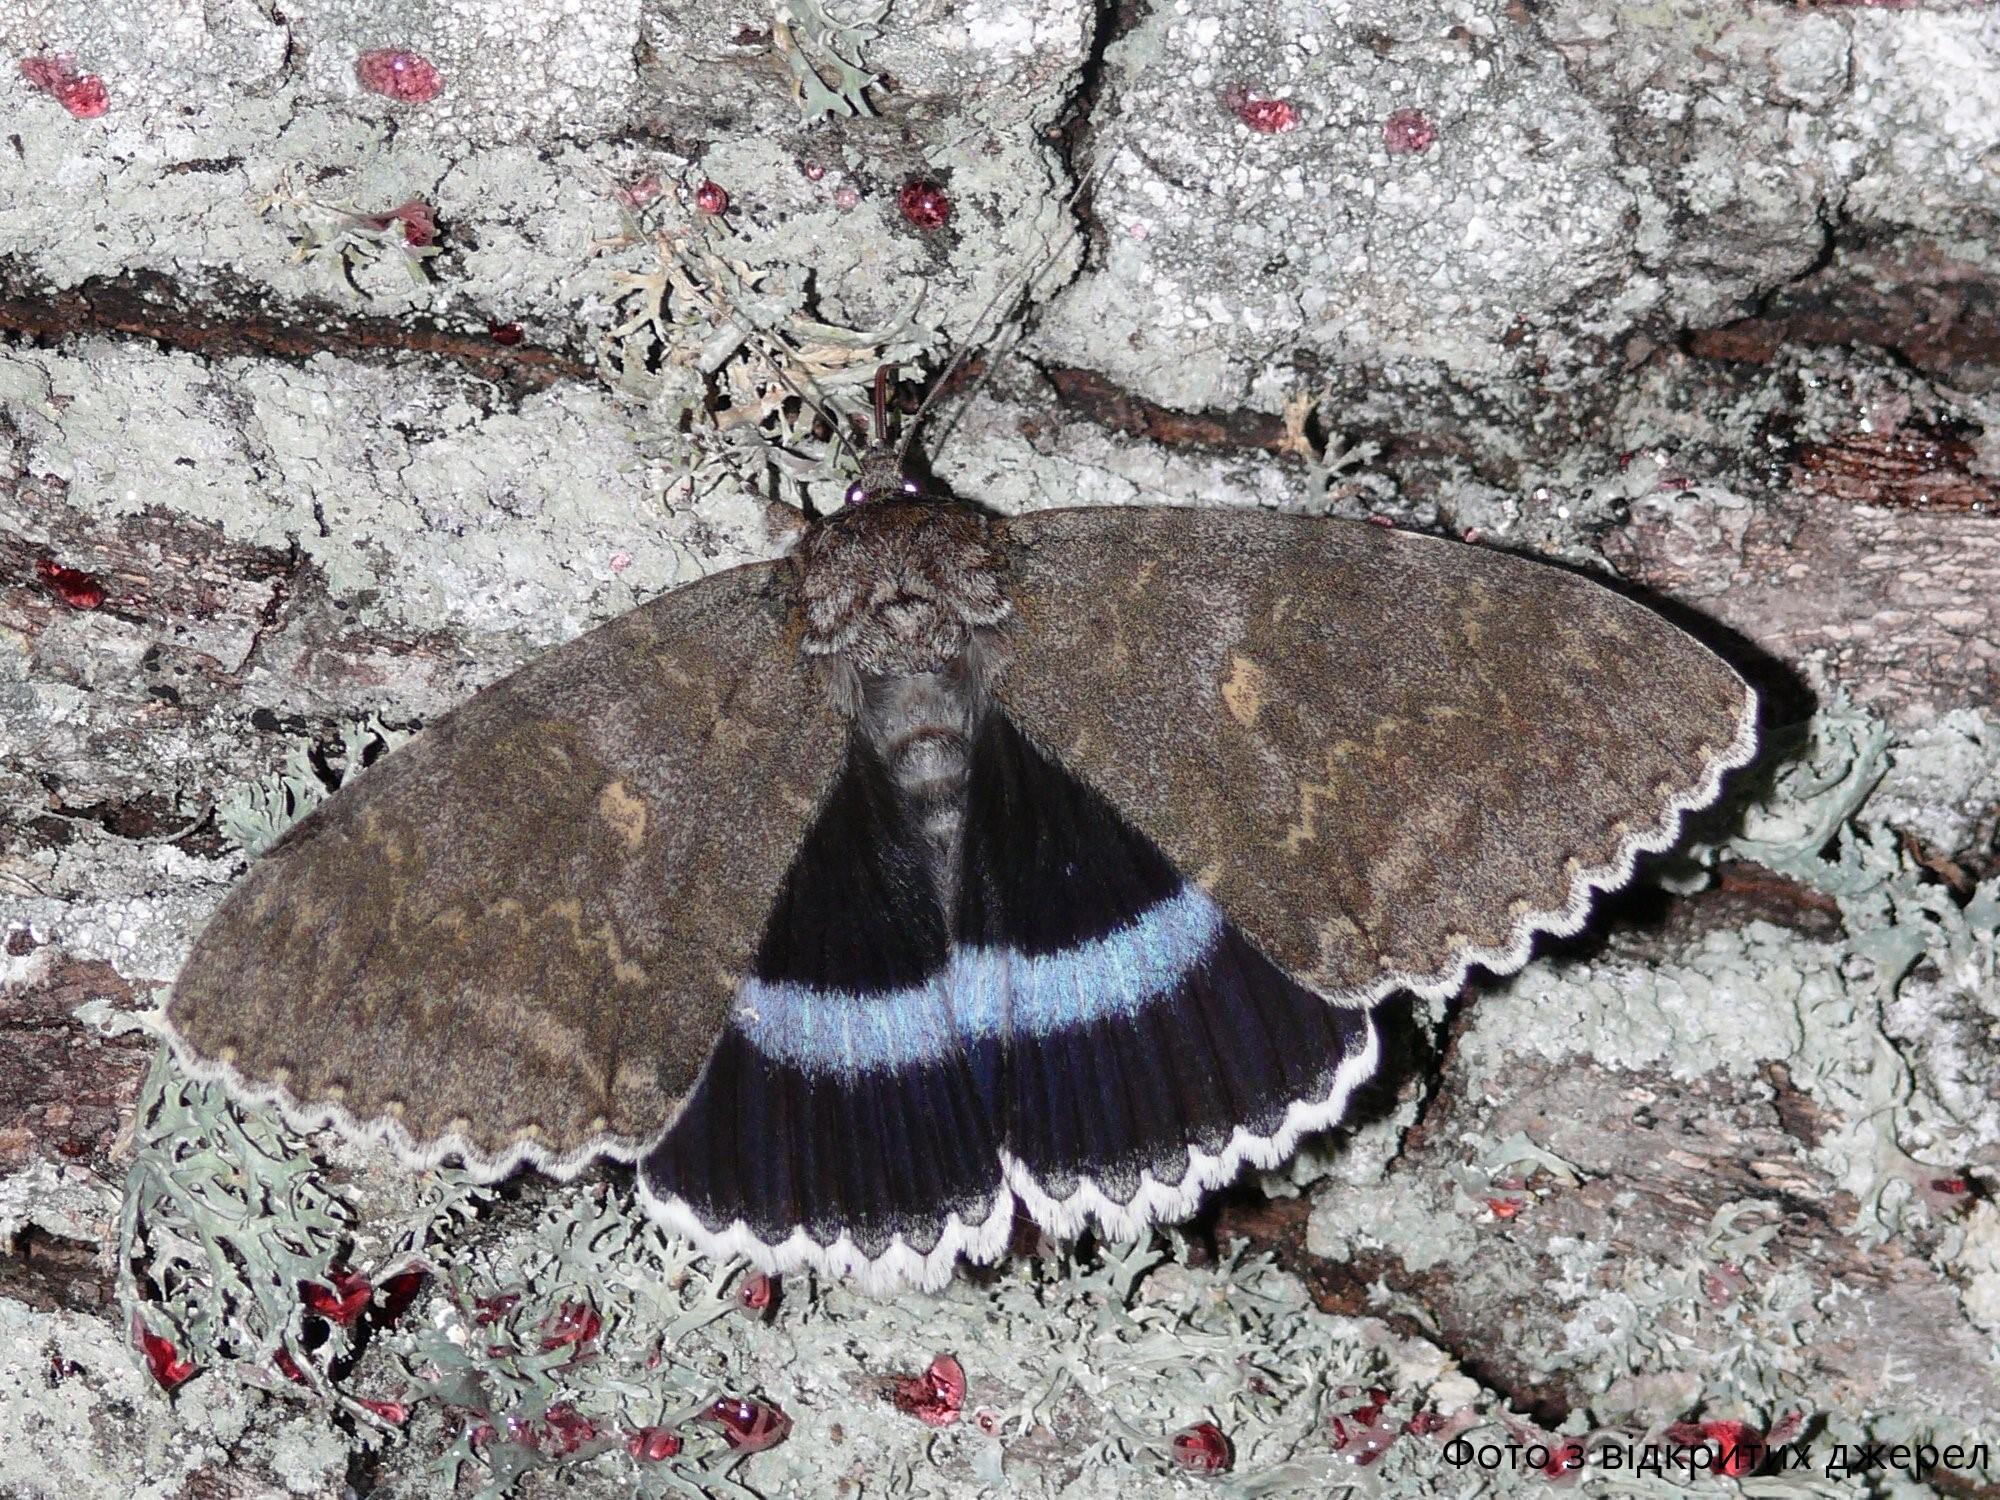 Гигантскую бабочку заметили в Чернобыльском заповеднике: ученые показали кадры с голубой ленточницей